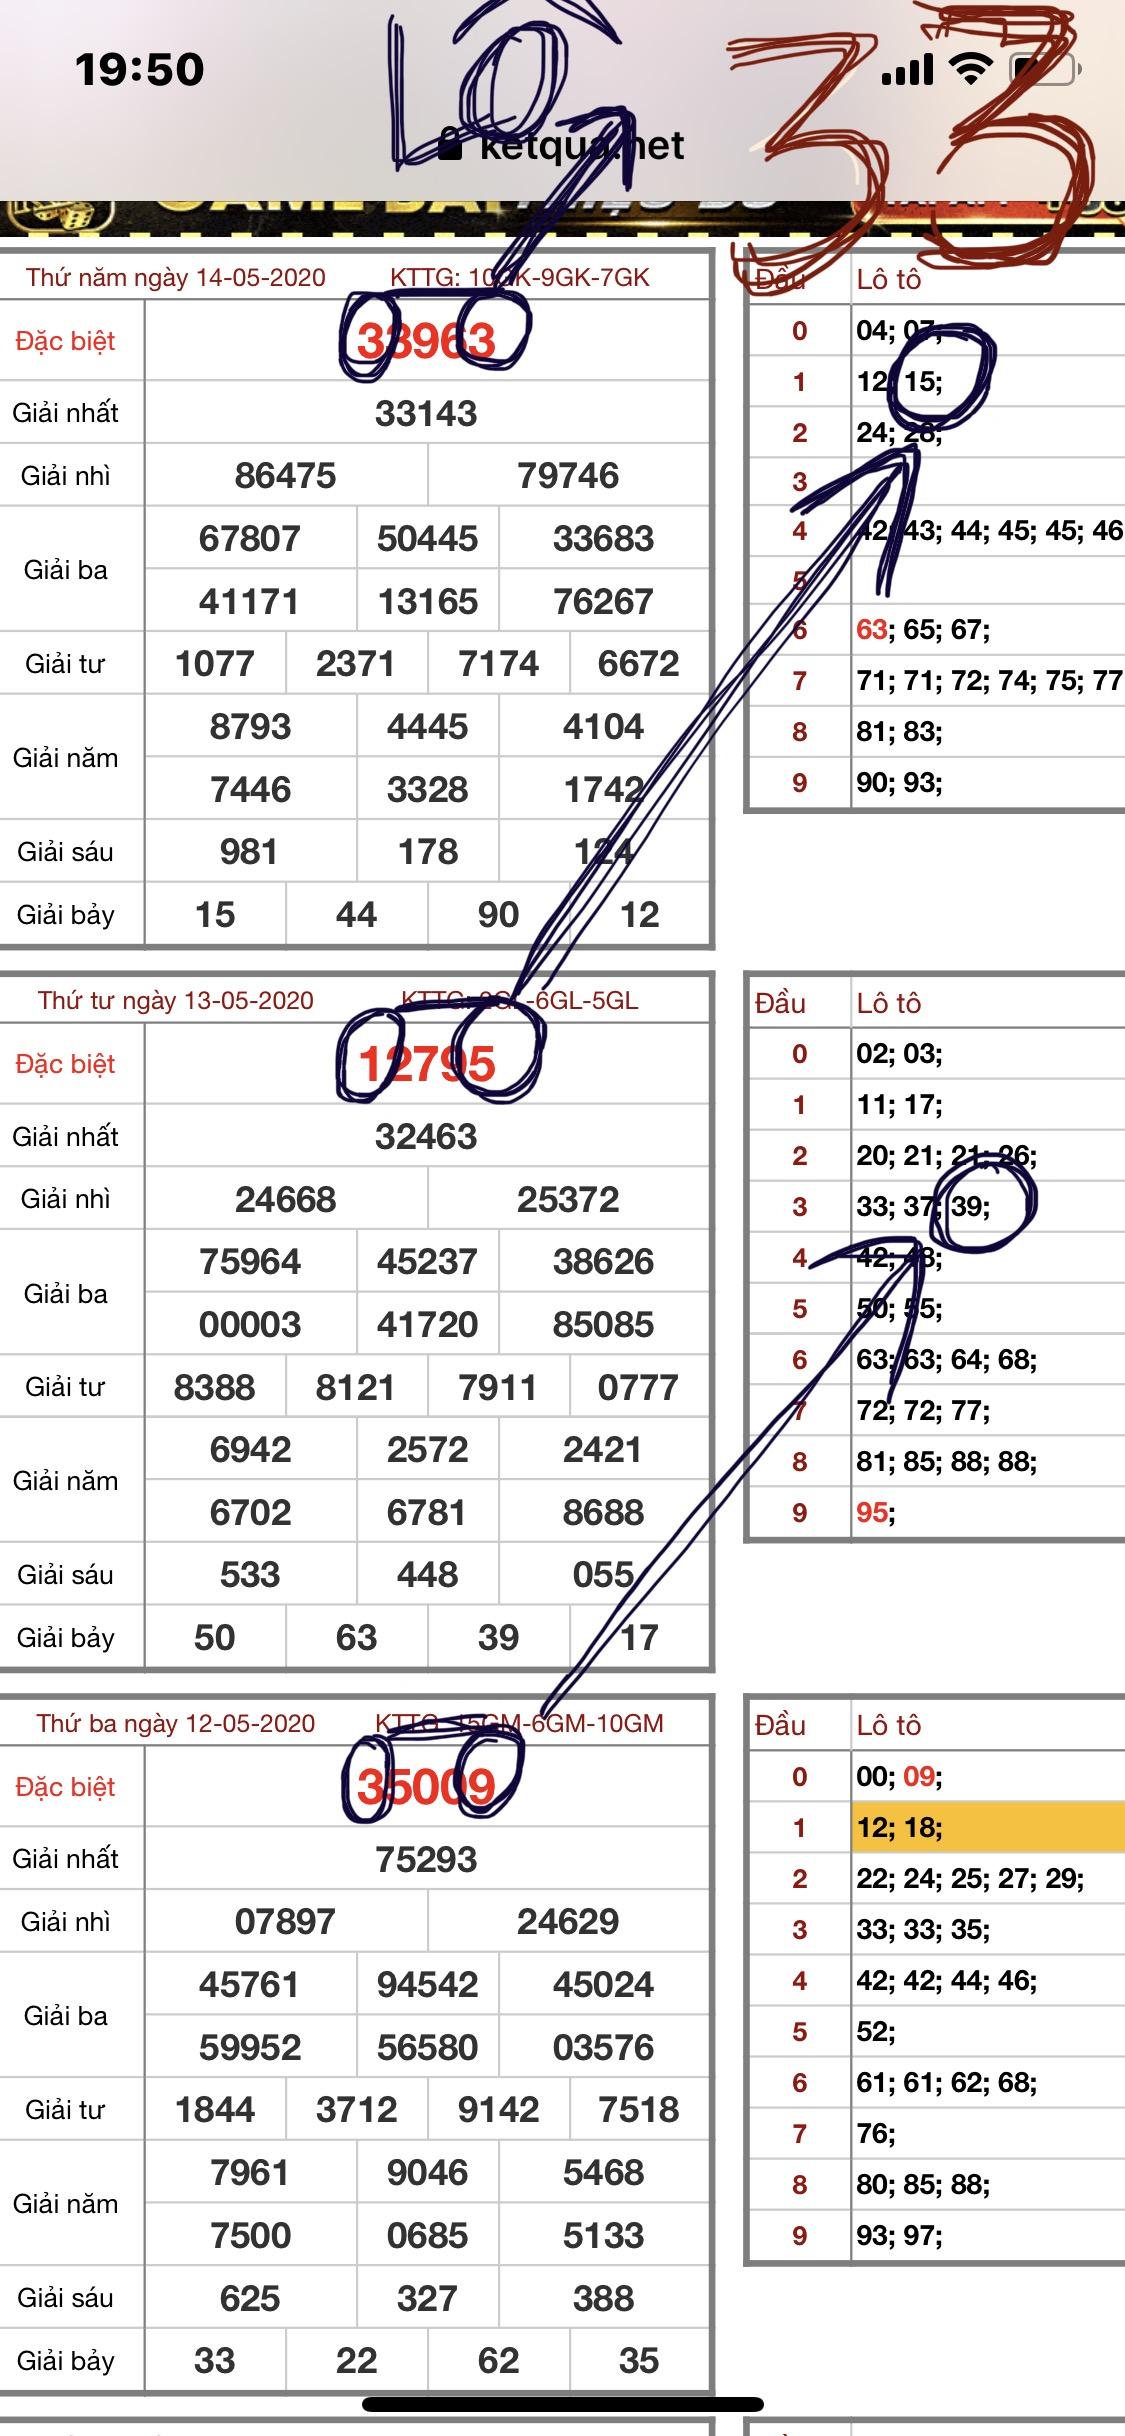 5852A13C-CB73-47D7-A7B5-5A5838D76F58.jpeg